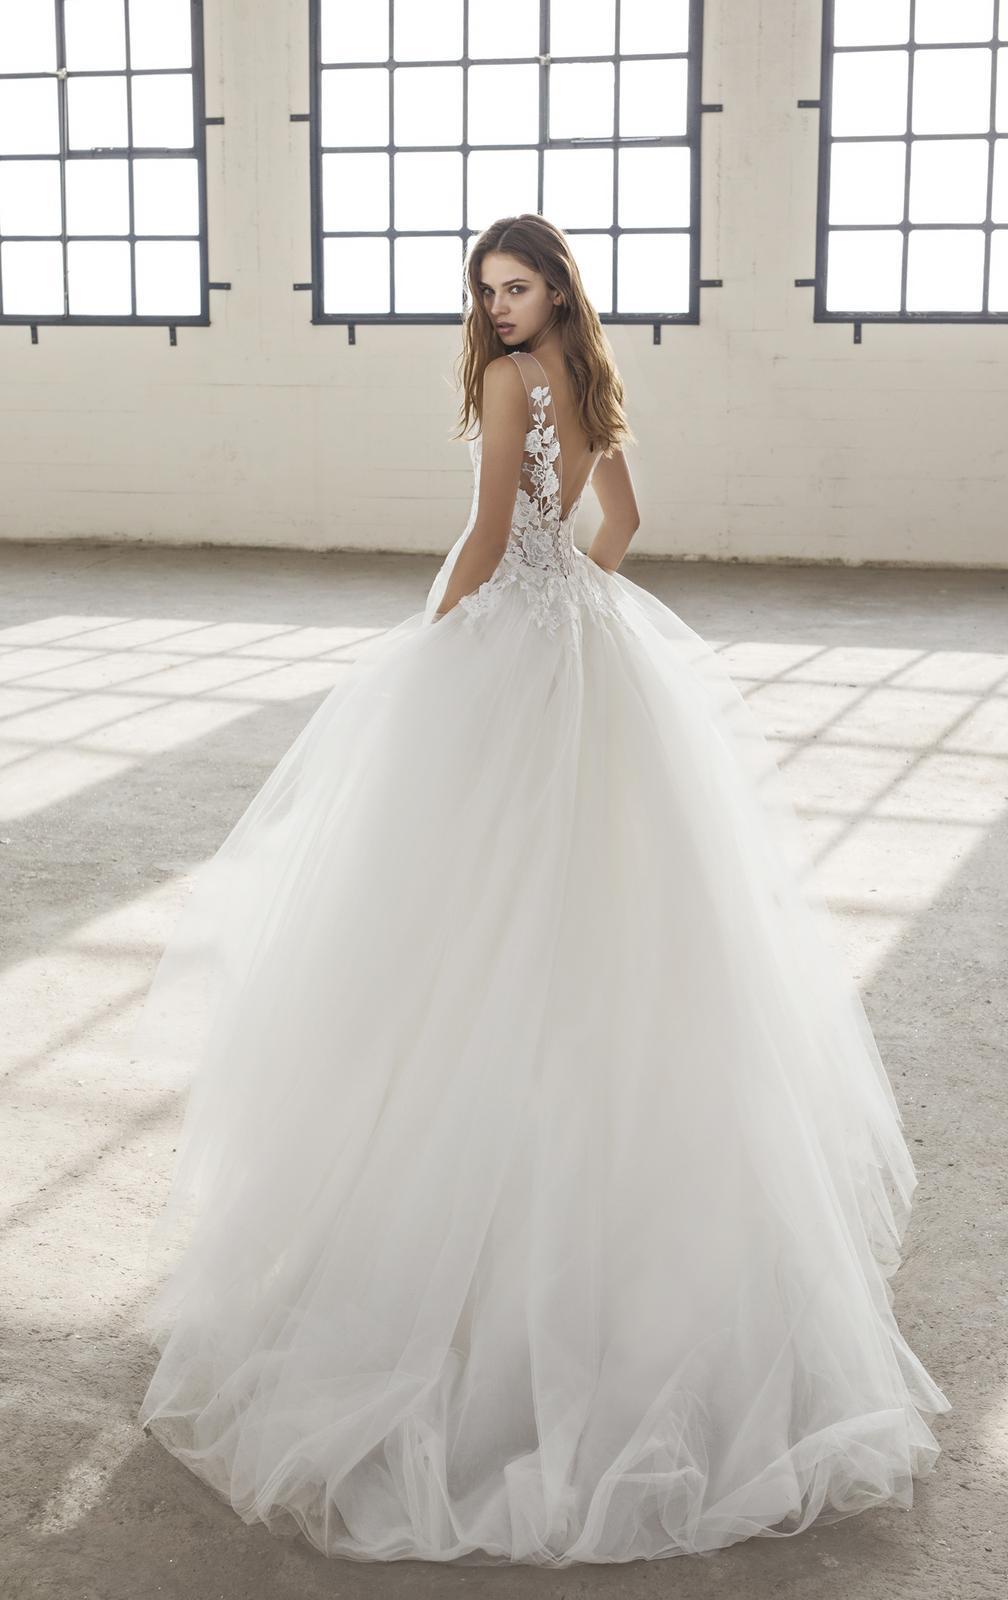 Romantická, elegantní, rebelka anebo bohémka? Jaký typ nevěsty jste vy? - Obrázek č. 3